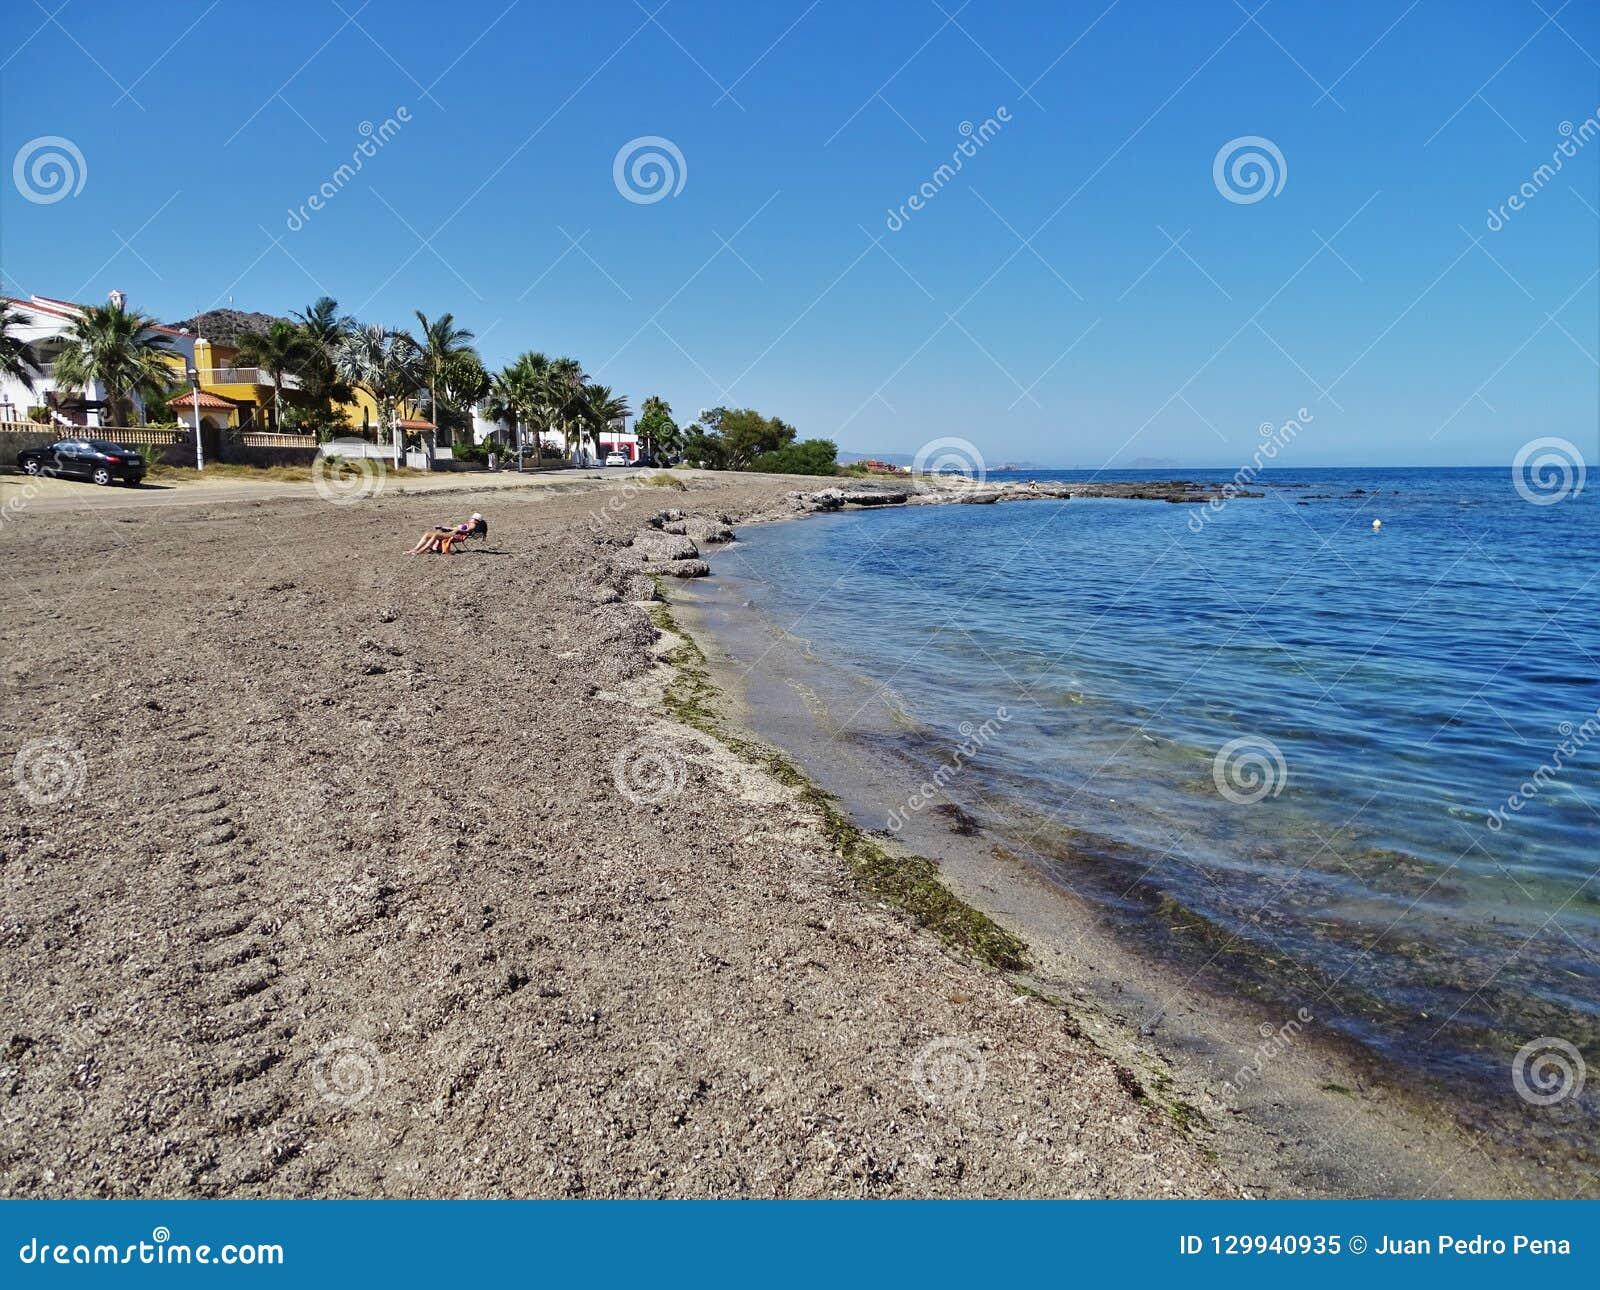 Strand des Calon von Cuevas de Almanzora Almeria Andalusia Spain